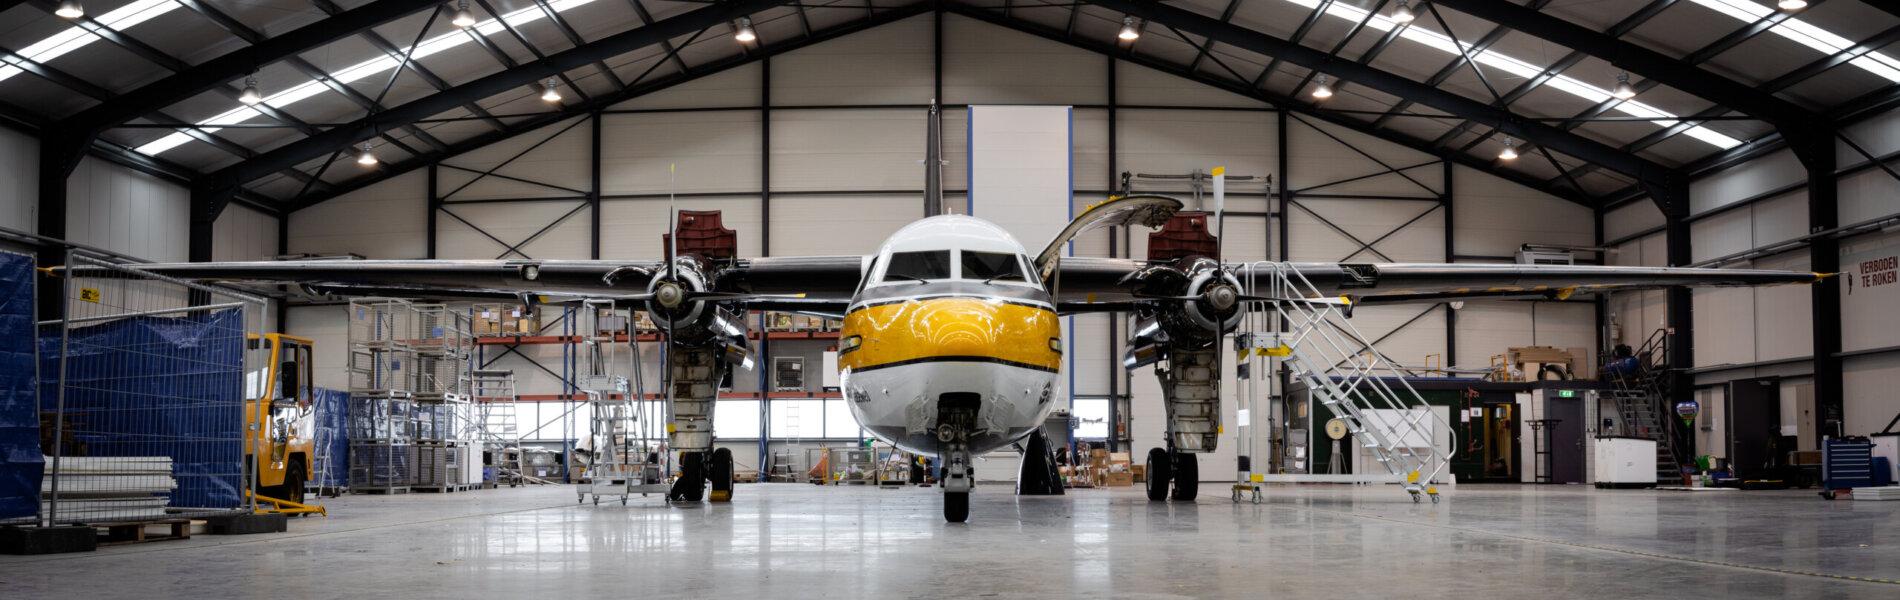 Vliegtuigtrap van Sponsor Roossien - foto Roossien